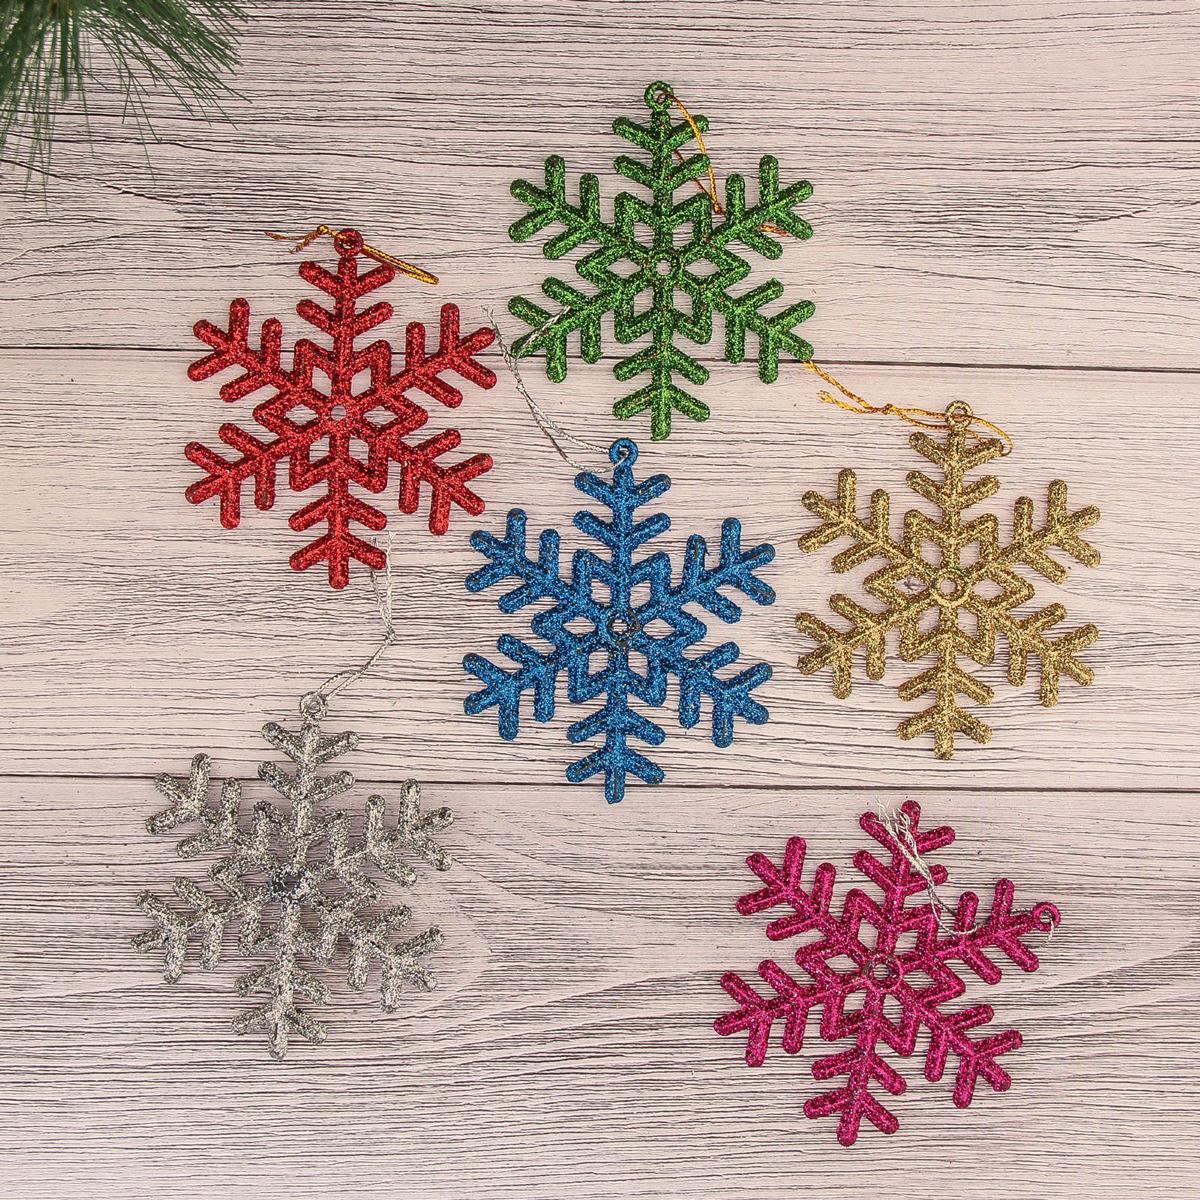 Набор новогодних подвесных украшений Снежинка, цвет: мультиколор, диаметр 8 см, 6 шт2372113Набор новогодних подвесных украшений отлично подойдет для декорации вашего дома и новогодней ели. С помощью специальной петельки украшение можно повесить в любом понравившемся вам месте. Но, конечно, удачнее всего оно будет смотреться на праздничной елке.Елочная игрушка - символ Нового года. Она несет в себе волшебство и красоту праздника. Такое украшение создаст в вашем доме атмосферу праздника, веселья и радости.